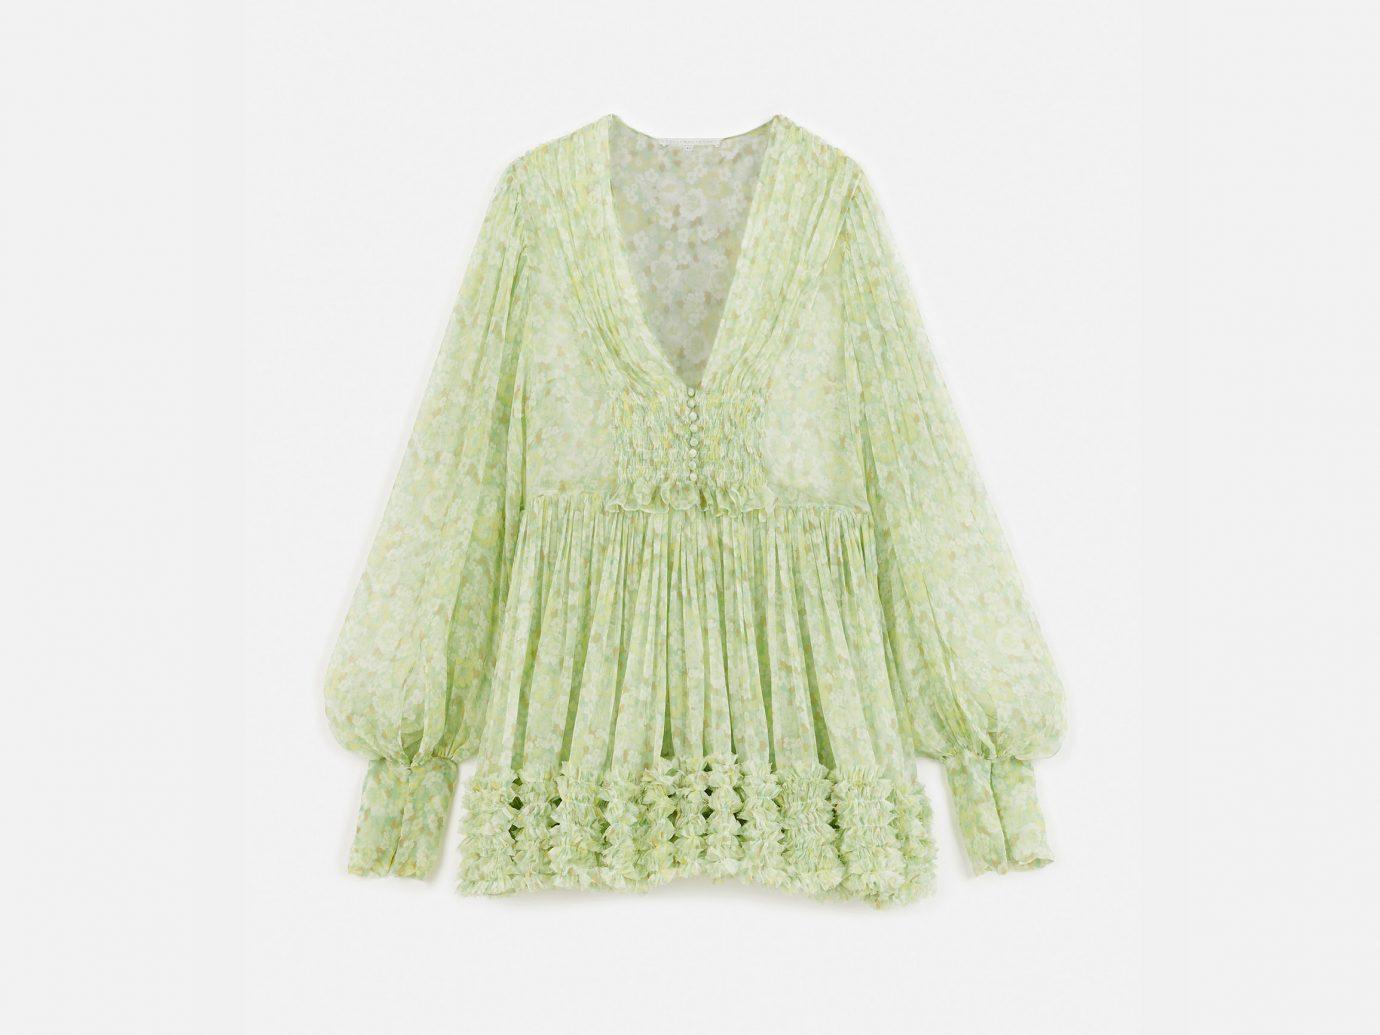 Stella-McCartney Valda Dress